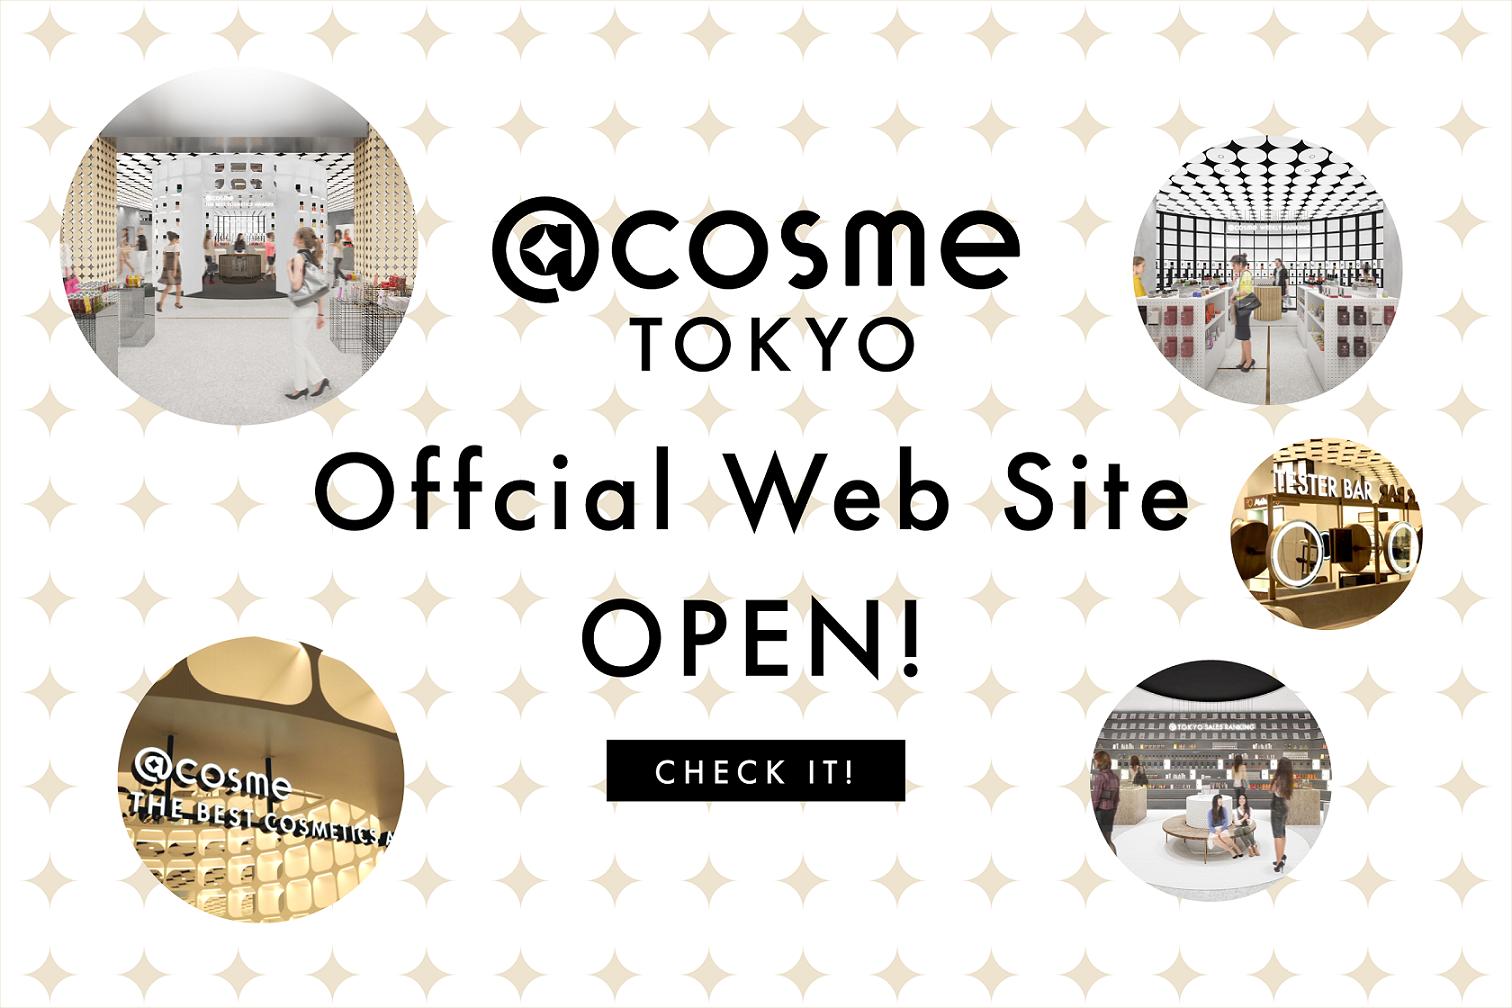 【1月10日オープン】@cosme TOKYO公式サイトを公開★